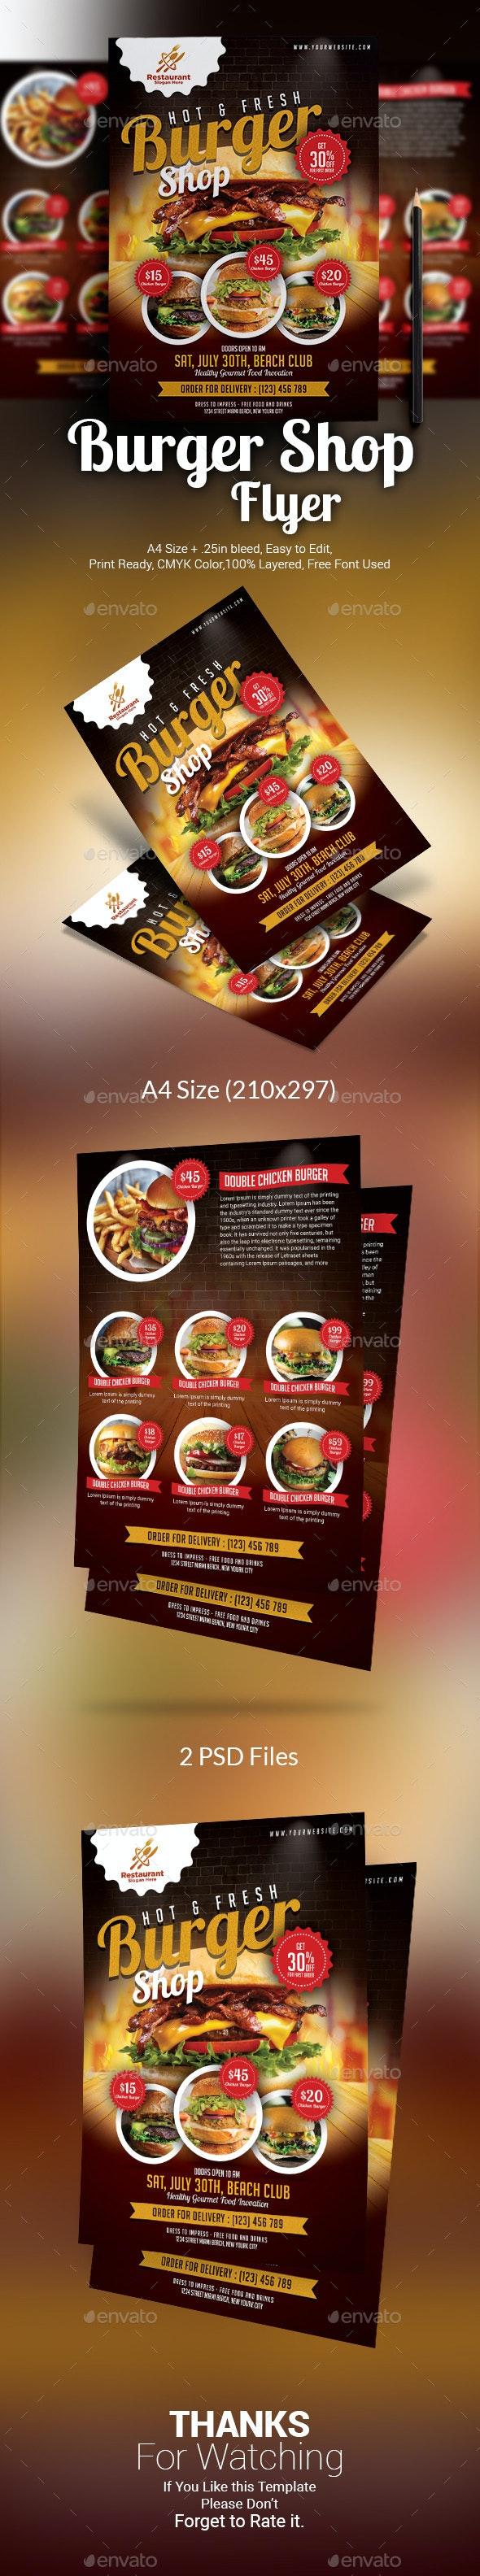 Burger Shop Menu Template - Restaurant Flyers